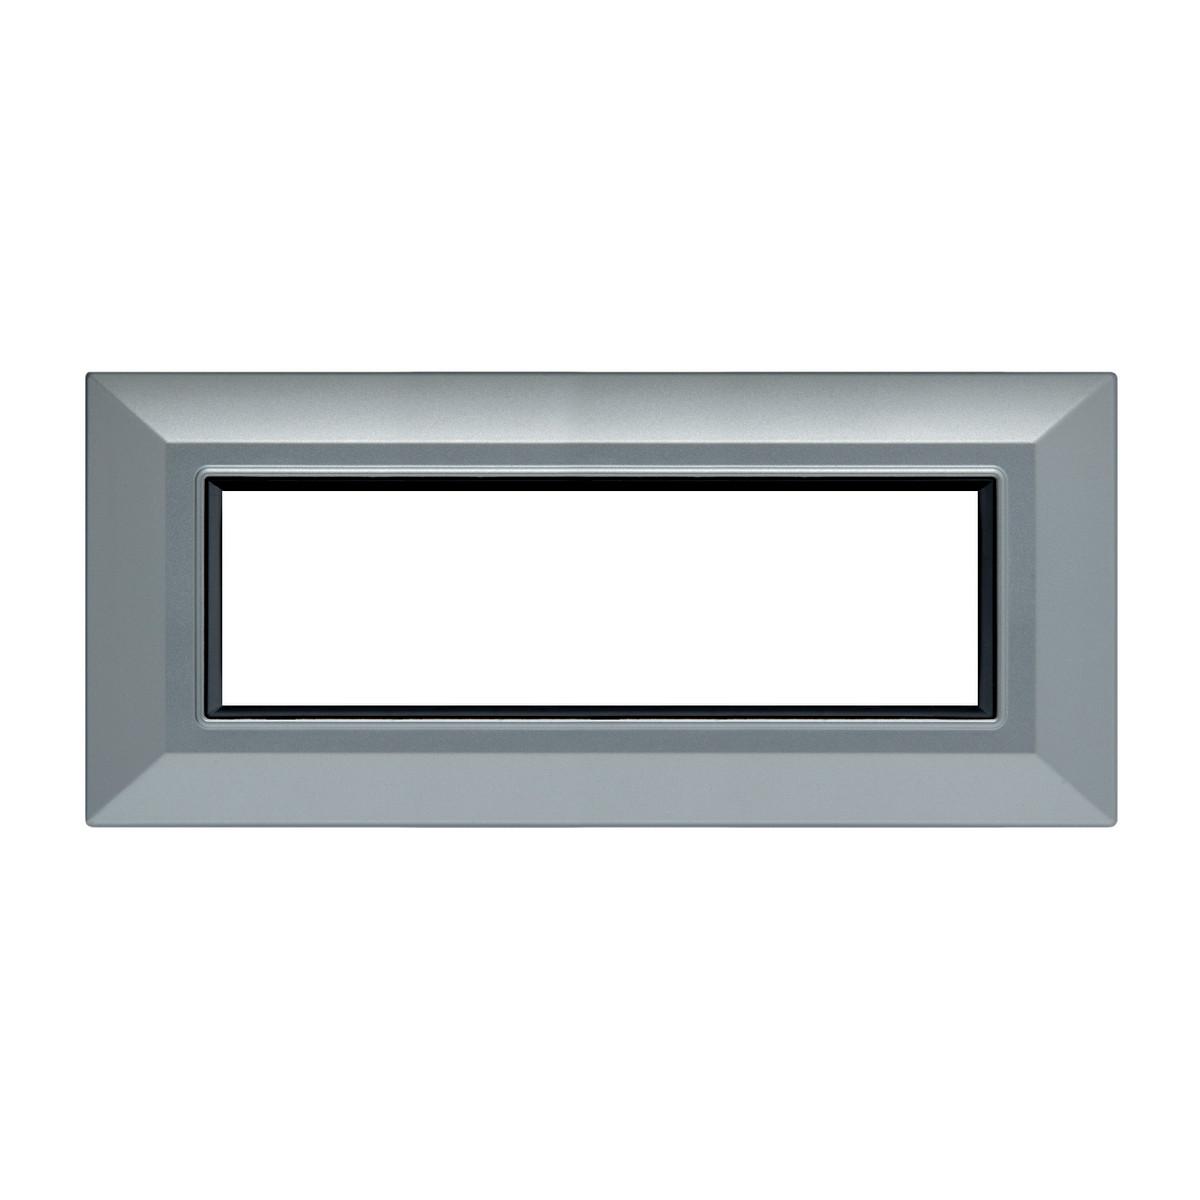 placca cieca in alluminio prezzo e offerte sottocosto. Black Bedroom Furniture Sets. Home Design Ideas